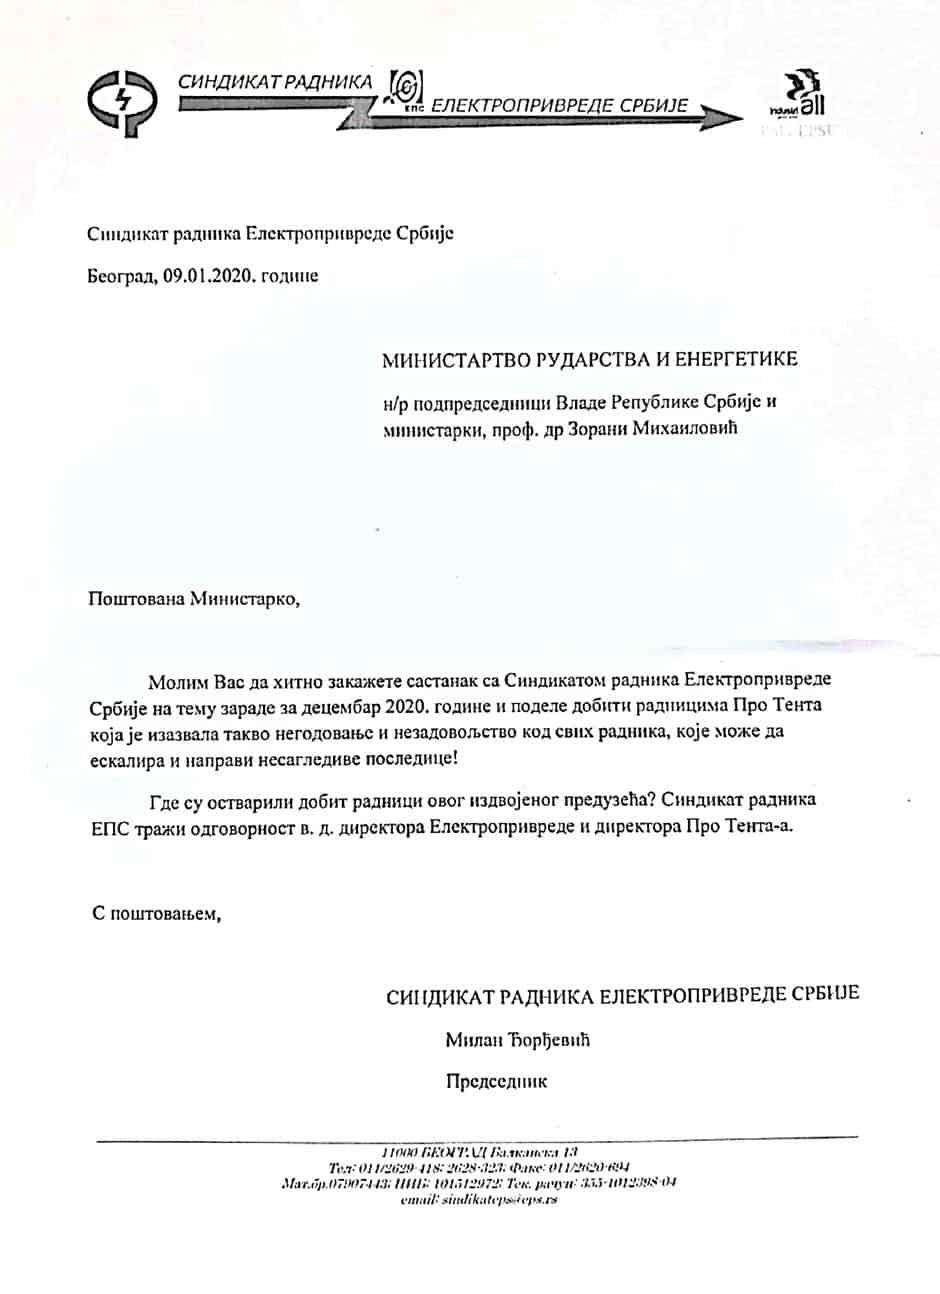 РАДНИЦИ ЕПС БЕСНИ, СМАЊЕНА ИМ ПЛАТА Одговоре траже од министарке Михајловић и Грчића!